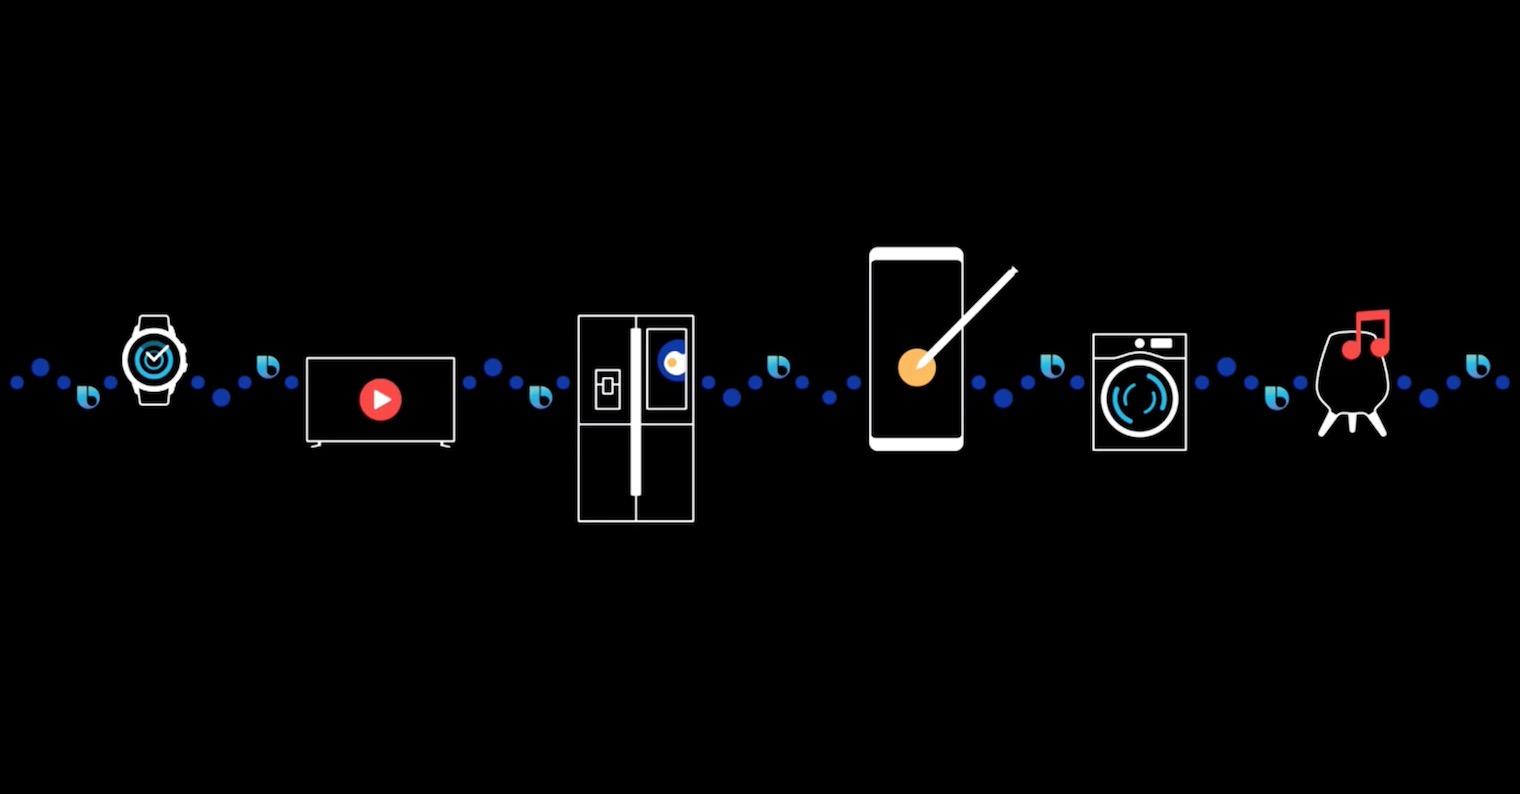 Samsung CES 2019